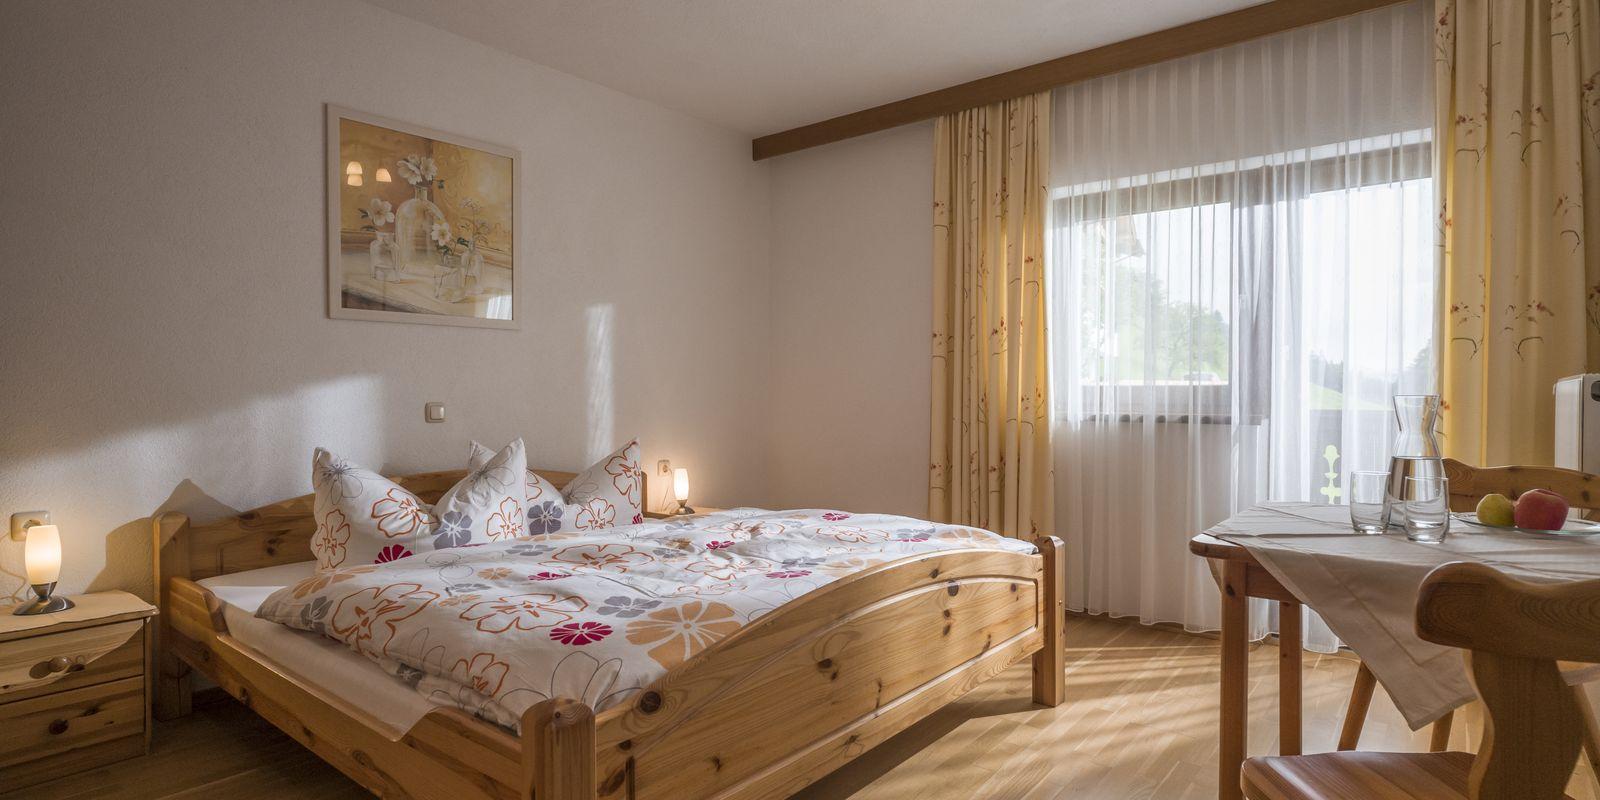 Doppelzimmer mit Blick auf Vollholz-Bett, Sitzgelegenheit und Fenster mit Balkontür